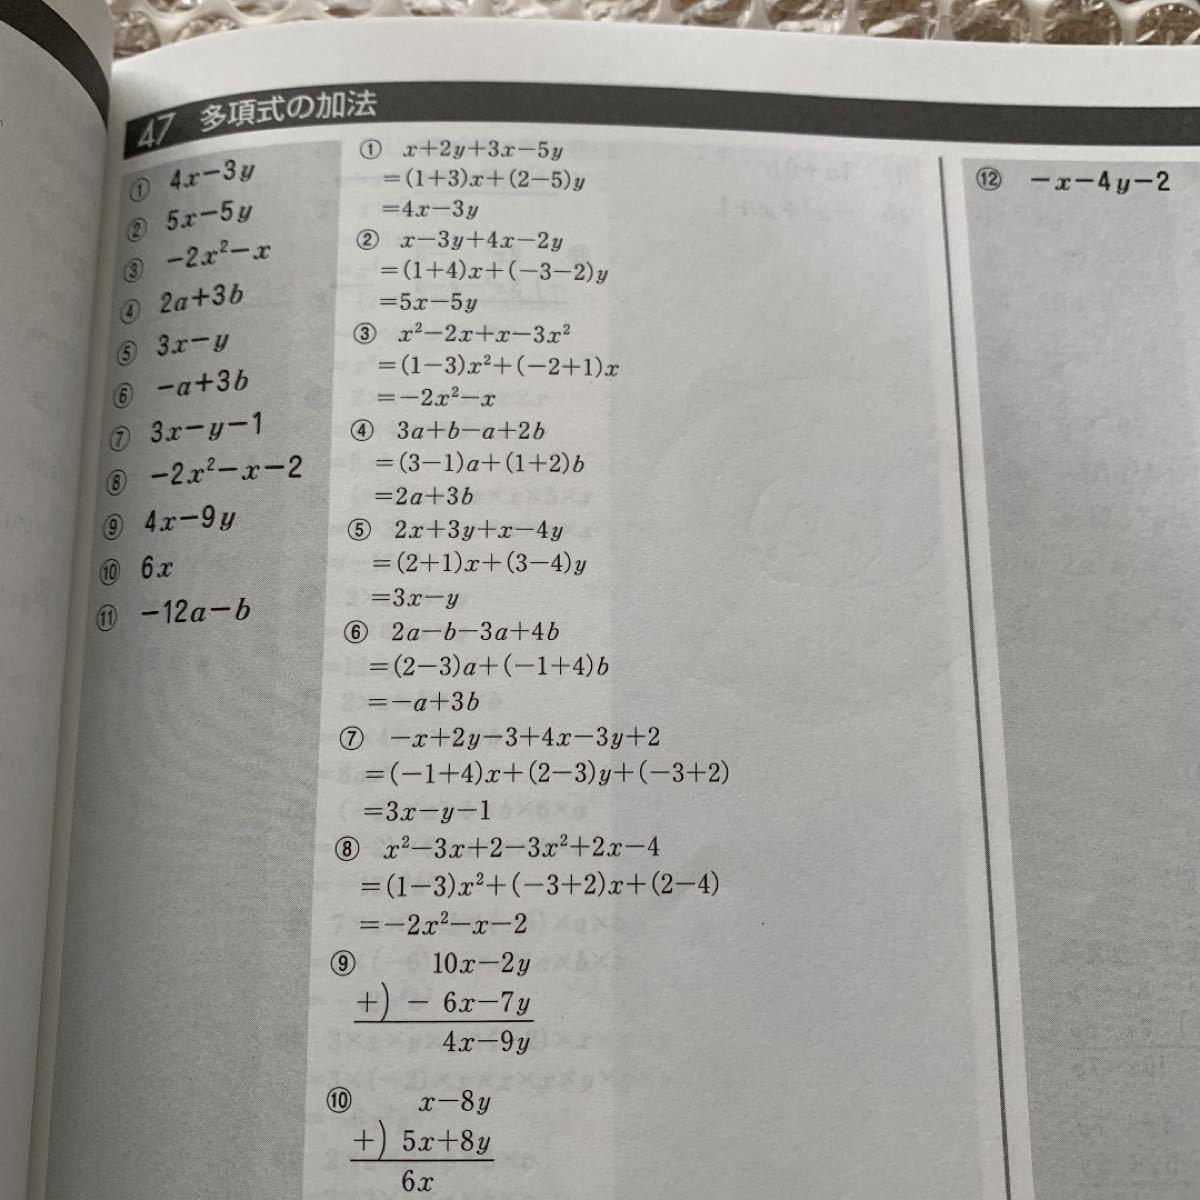 中学 1年 2年 3年 数学 基礎練習 ドリル 問題集 ワーク